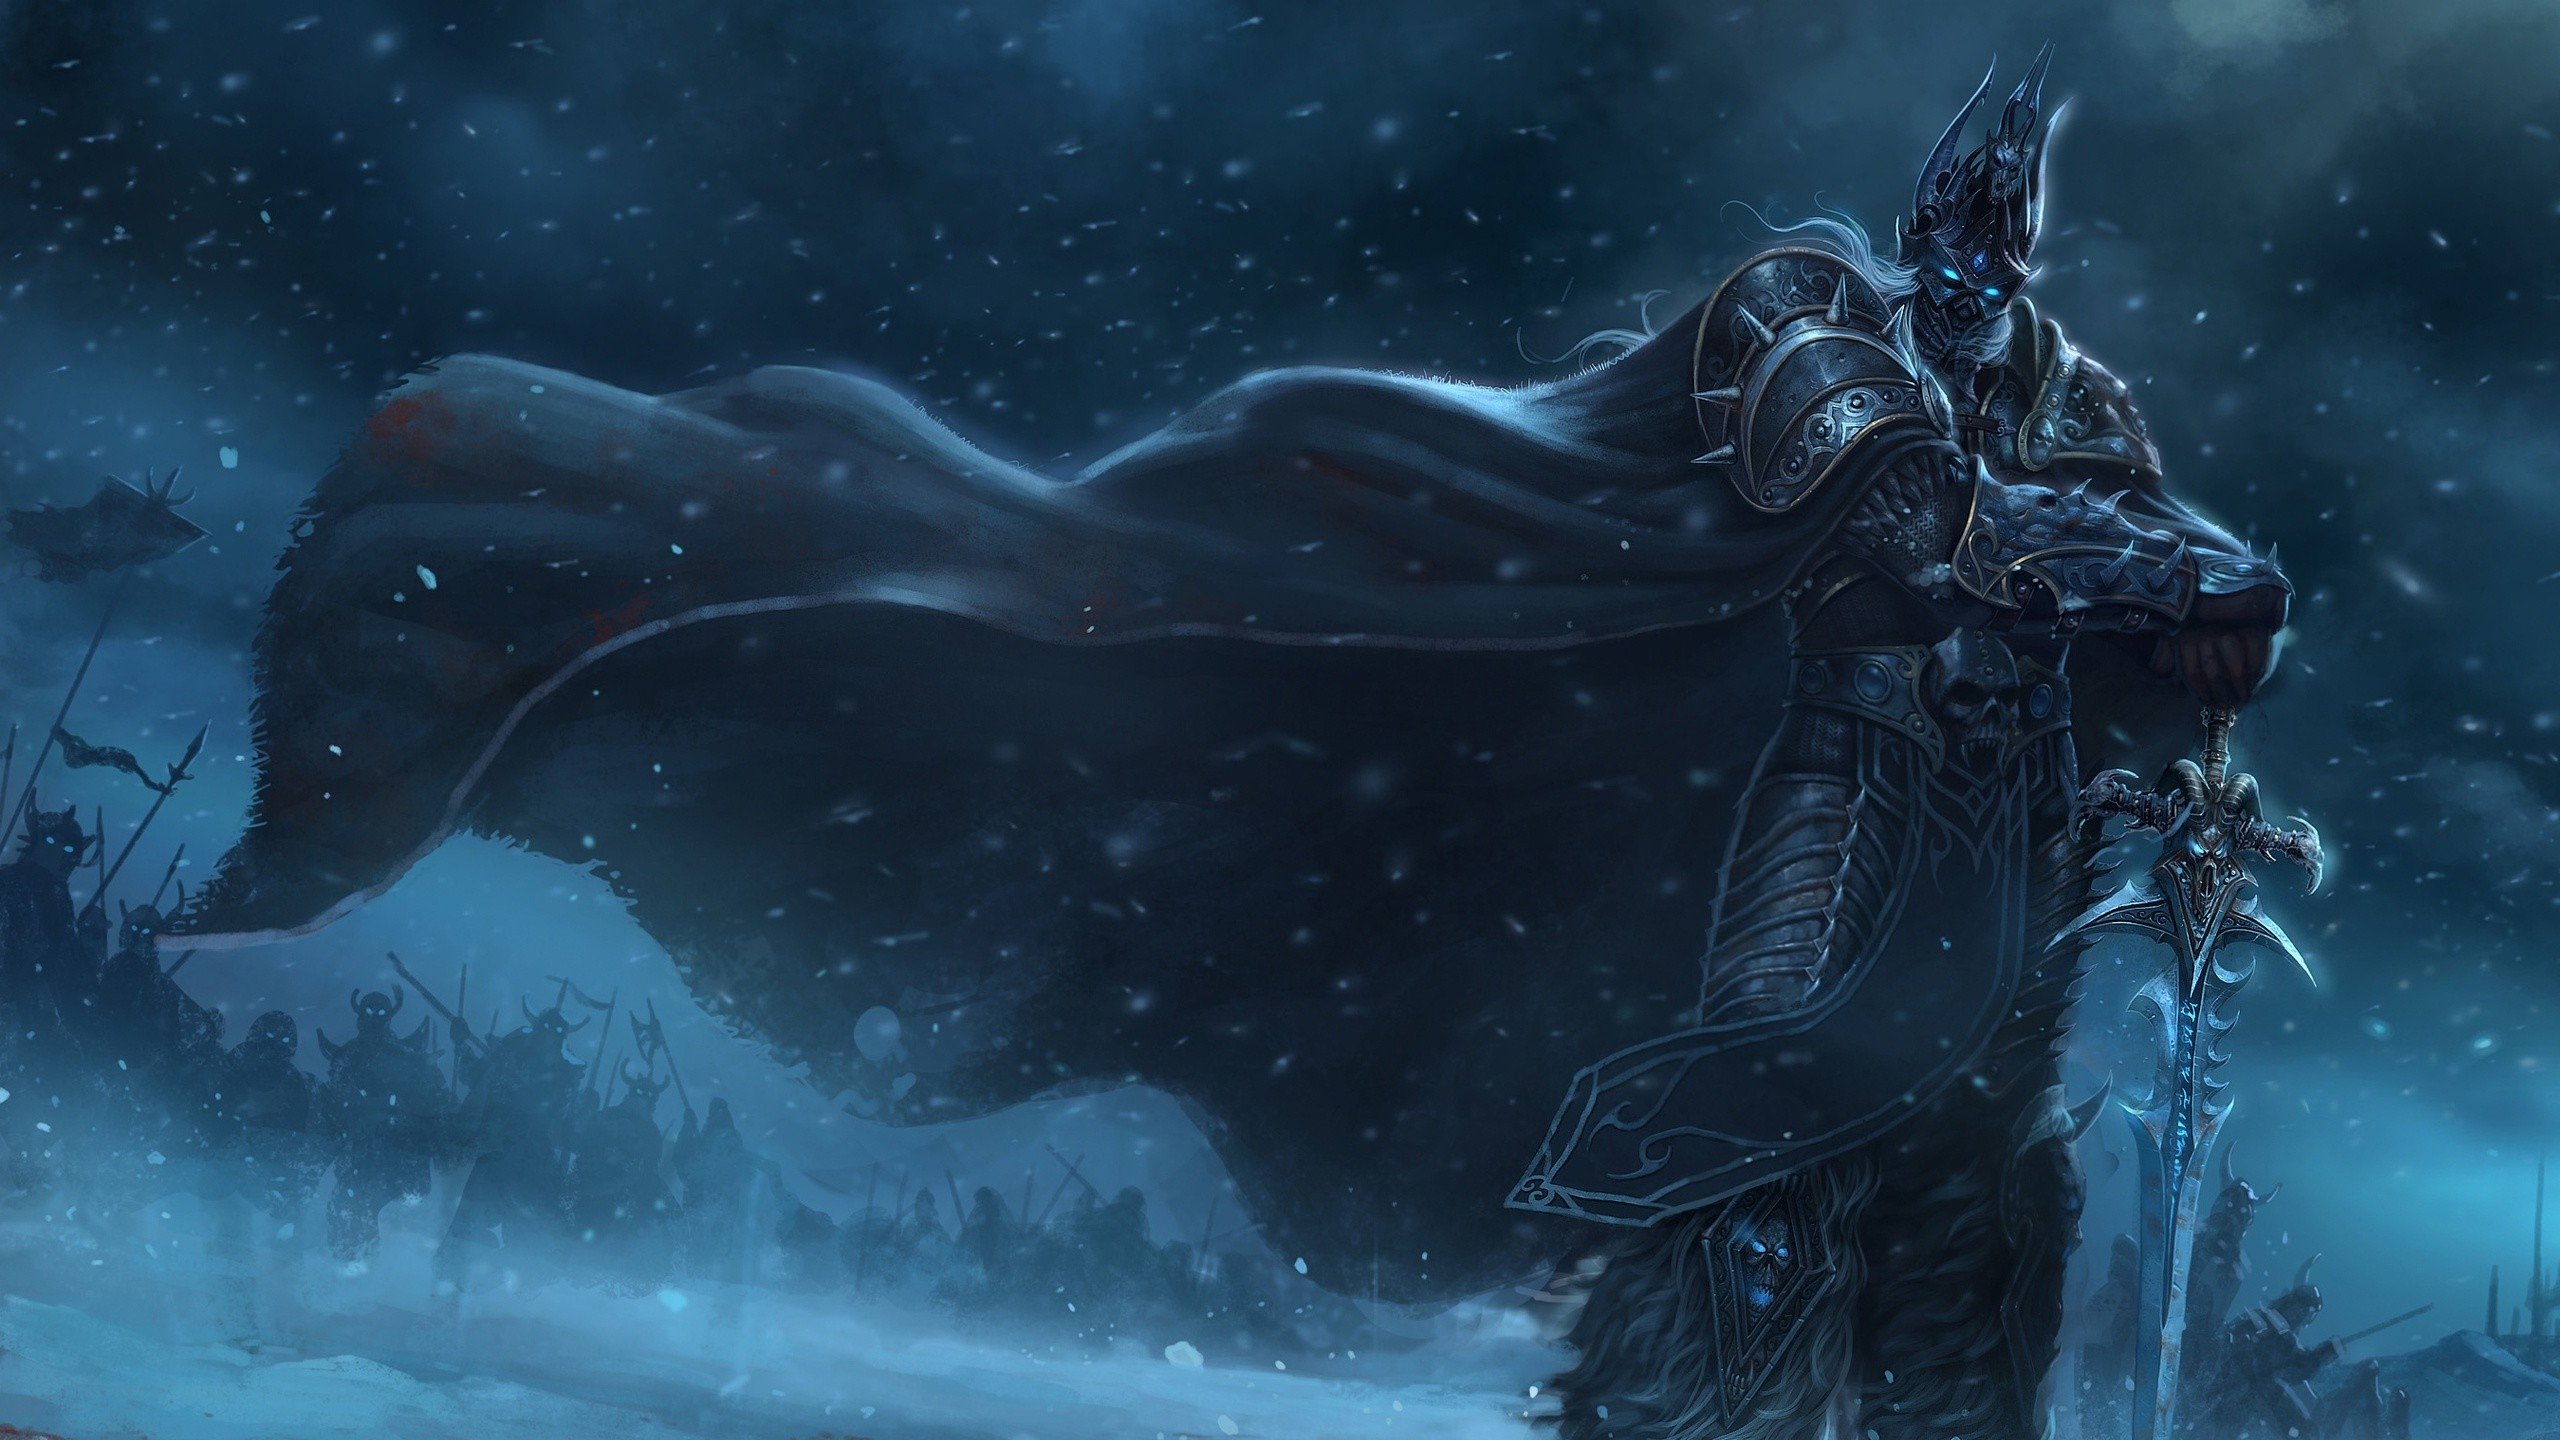 death knight wallpaper 16